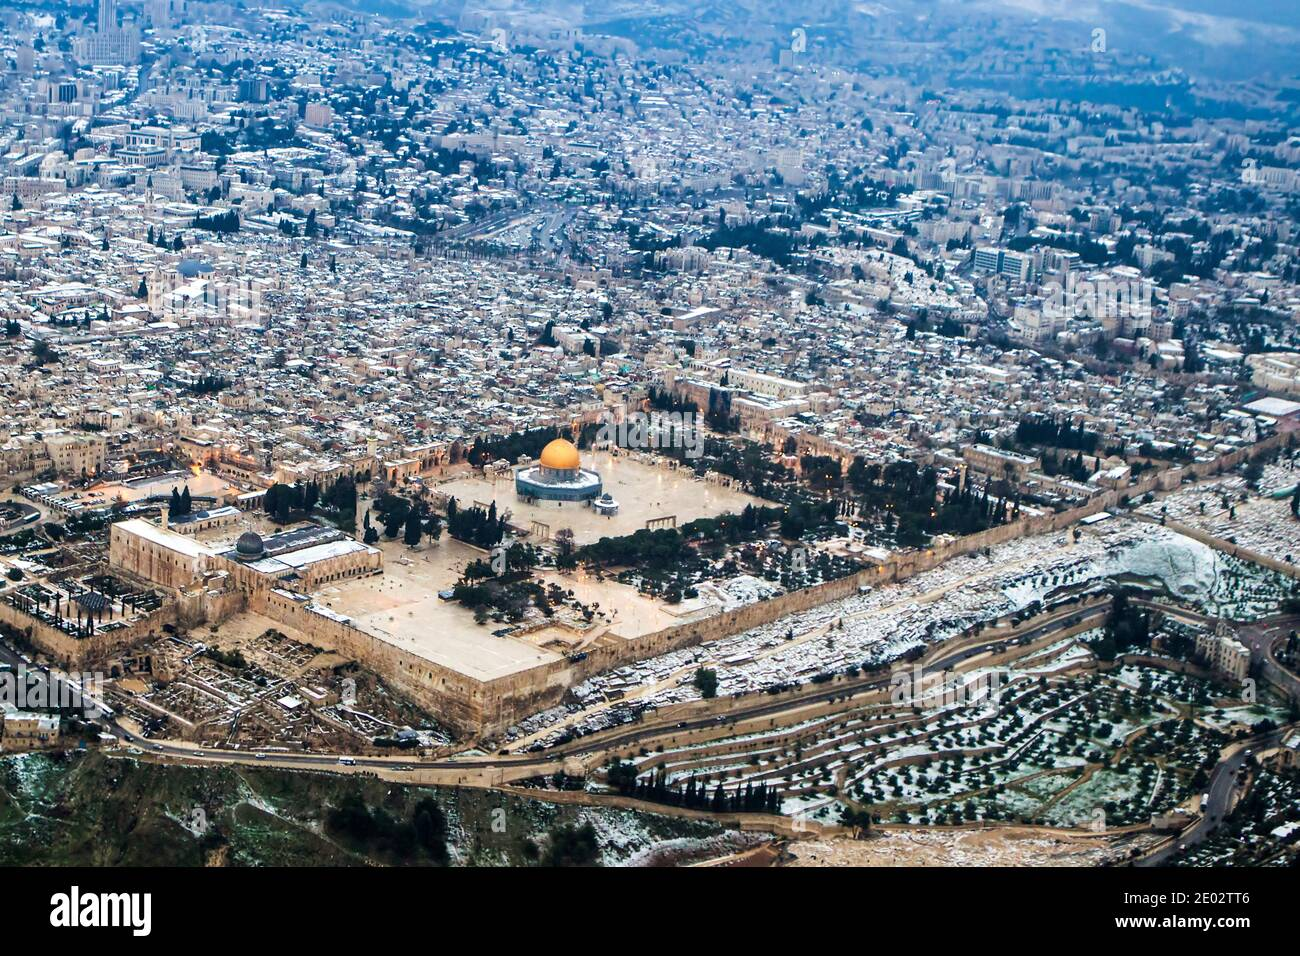 Vista aérea de la cúpula de la Roca, del Monte del Templo de Jerusalén, Ciudad Vieja Foto de stock